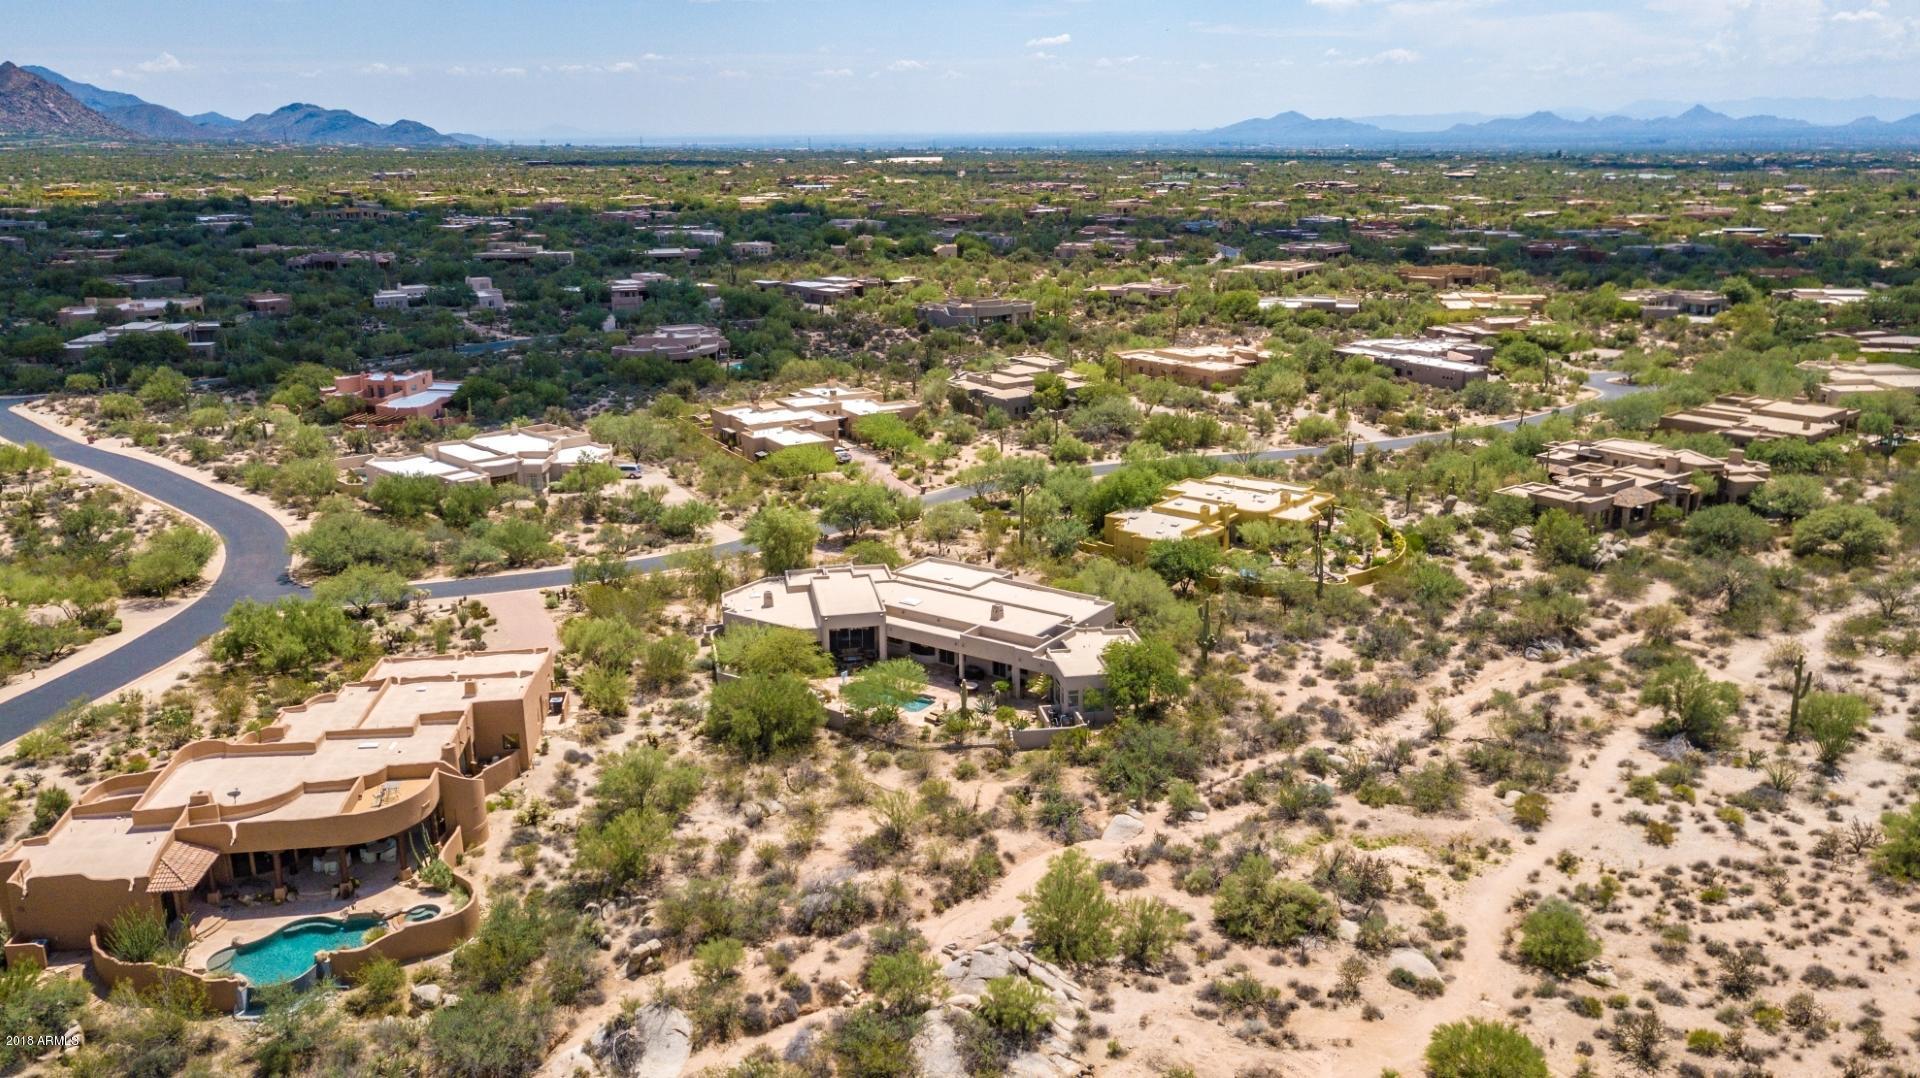 MLS 5809239 8300 E DIXILETA Drive Unit 202, Scottsdale, AZ 85266 Scottsdale AZ Sincuidados